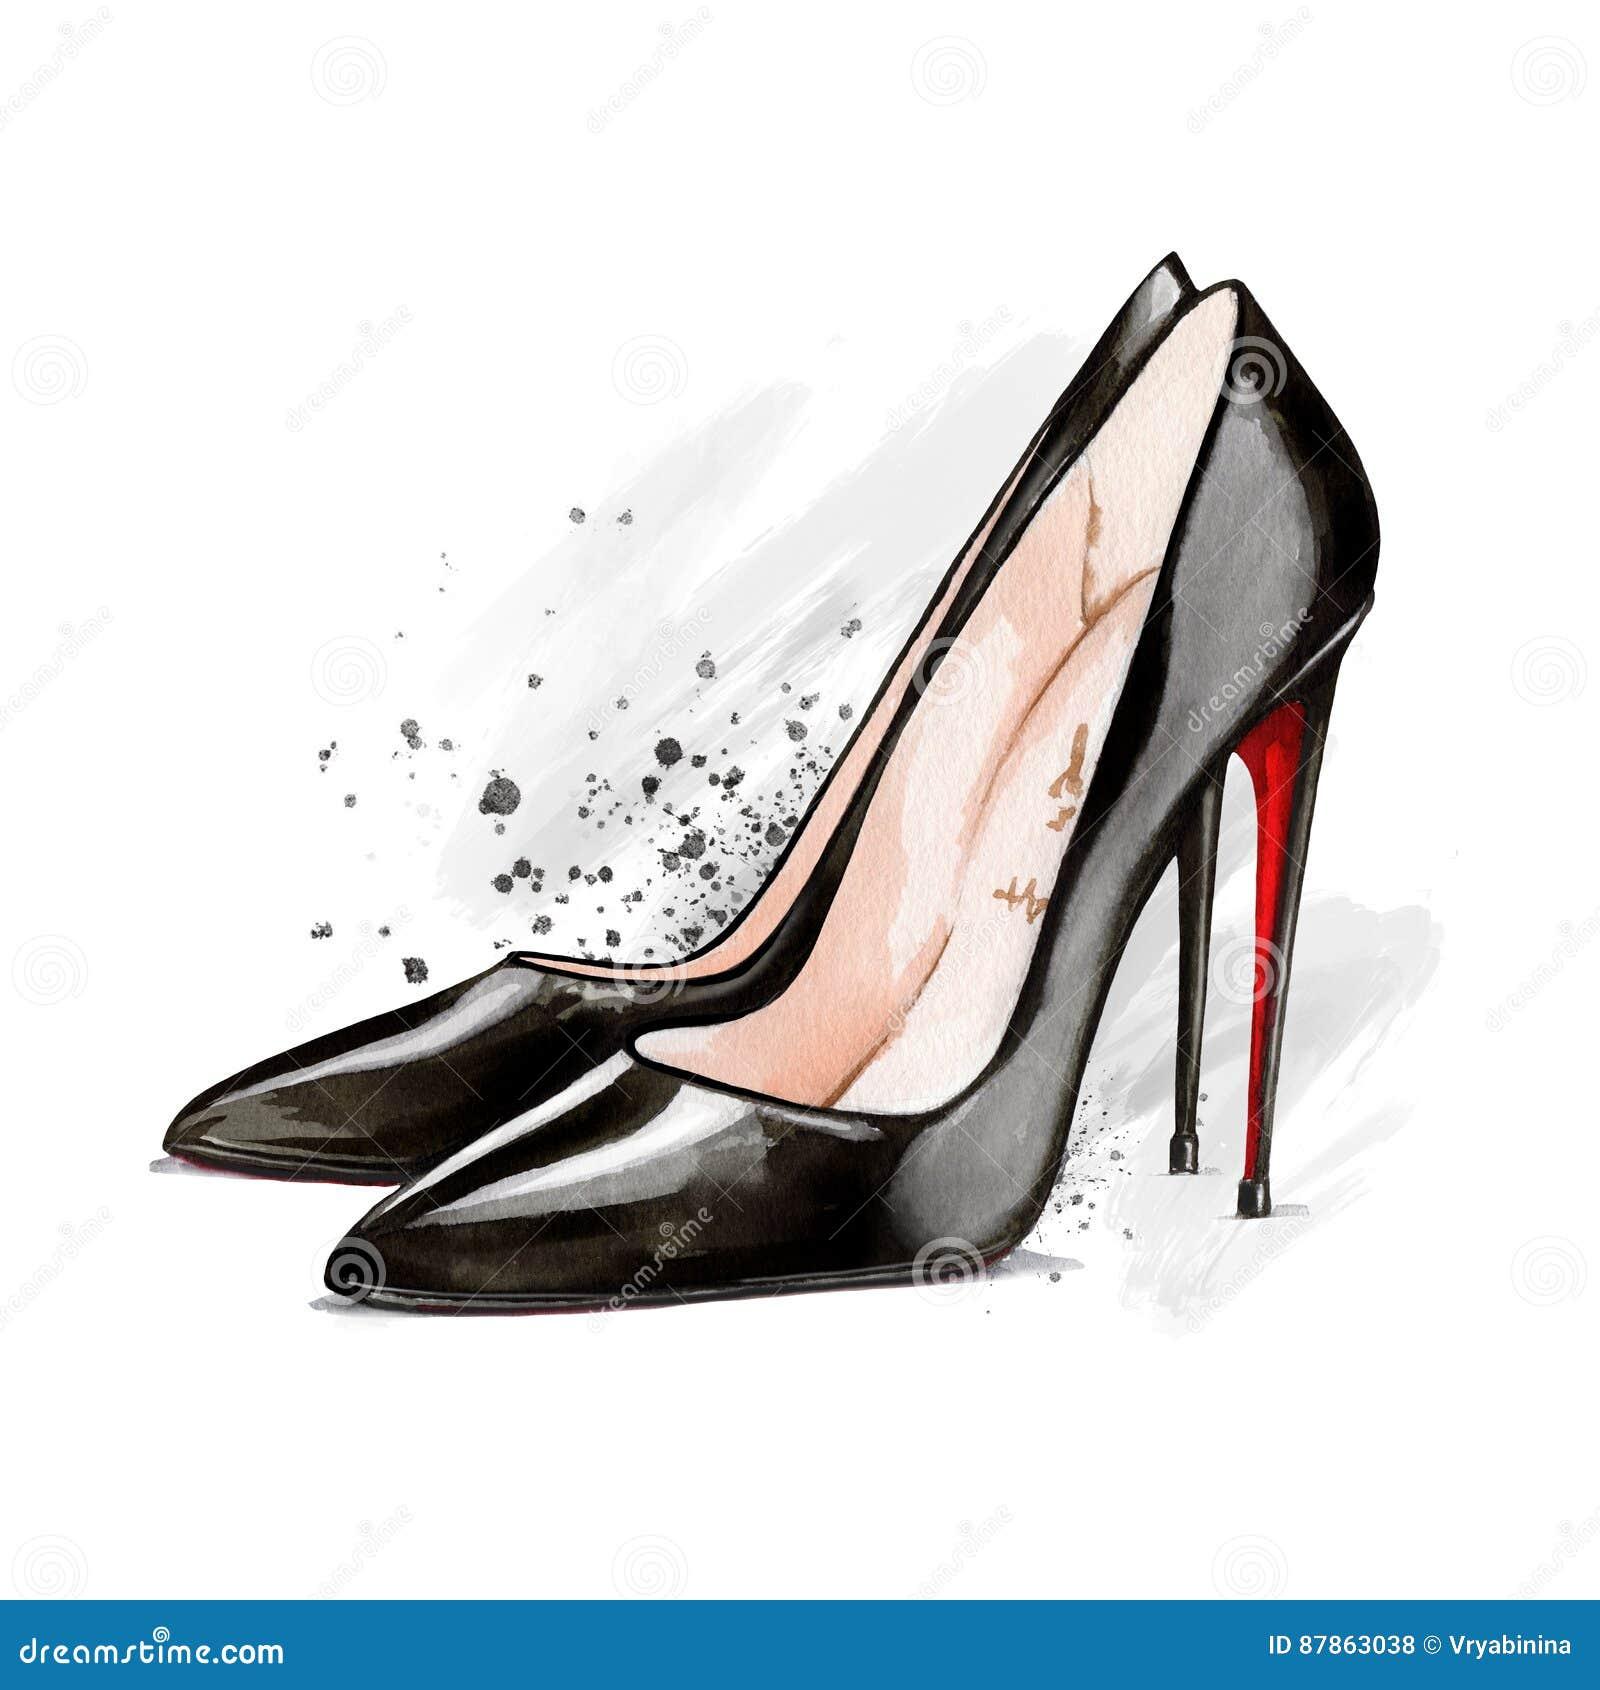 Negros Del Tacón Ilustración Zapatos Alto De Stock Acuarela La RSfdqF5w